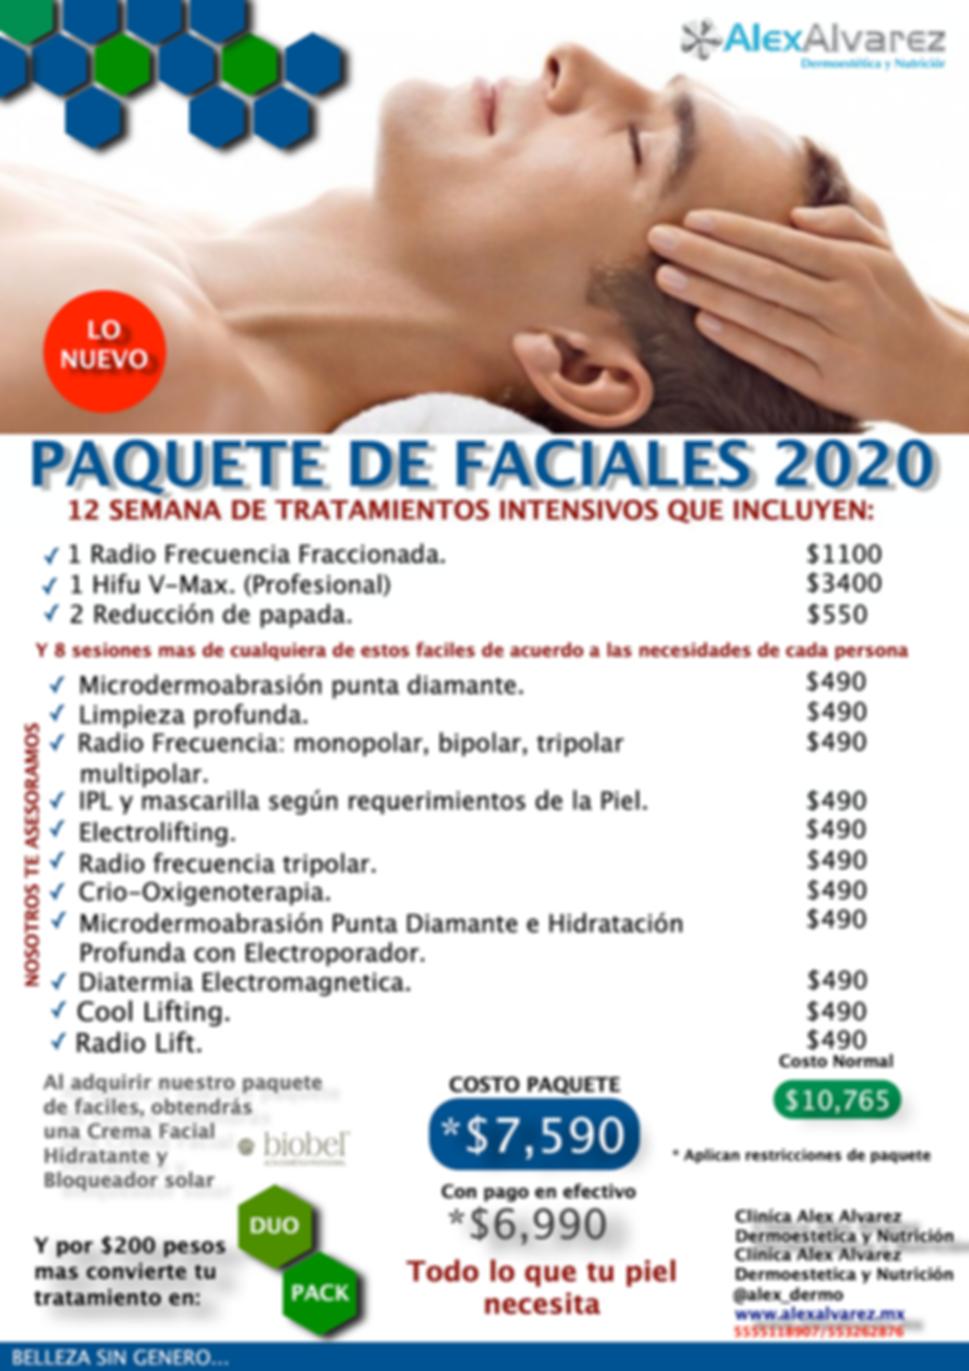 FACIALES 2020ok.png